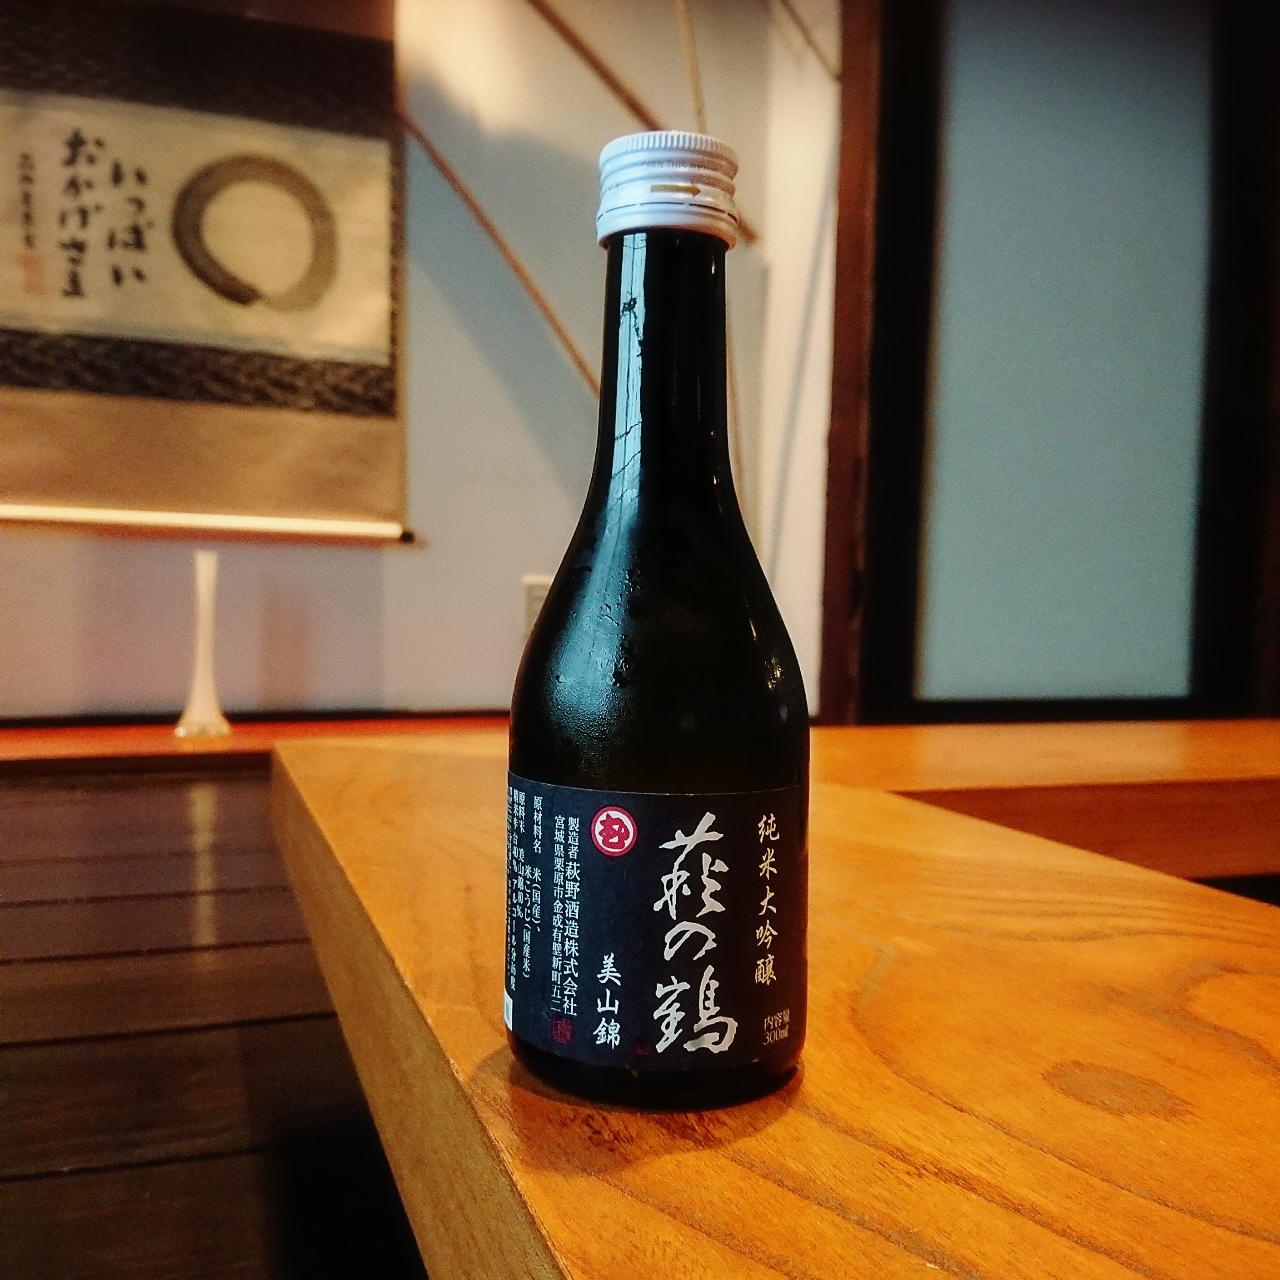 【300mlのお酒】萩の鶴 純米大吟醸 まるむ 【むとう屋オリジナル】